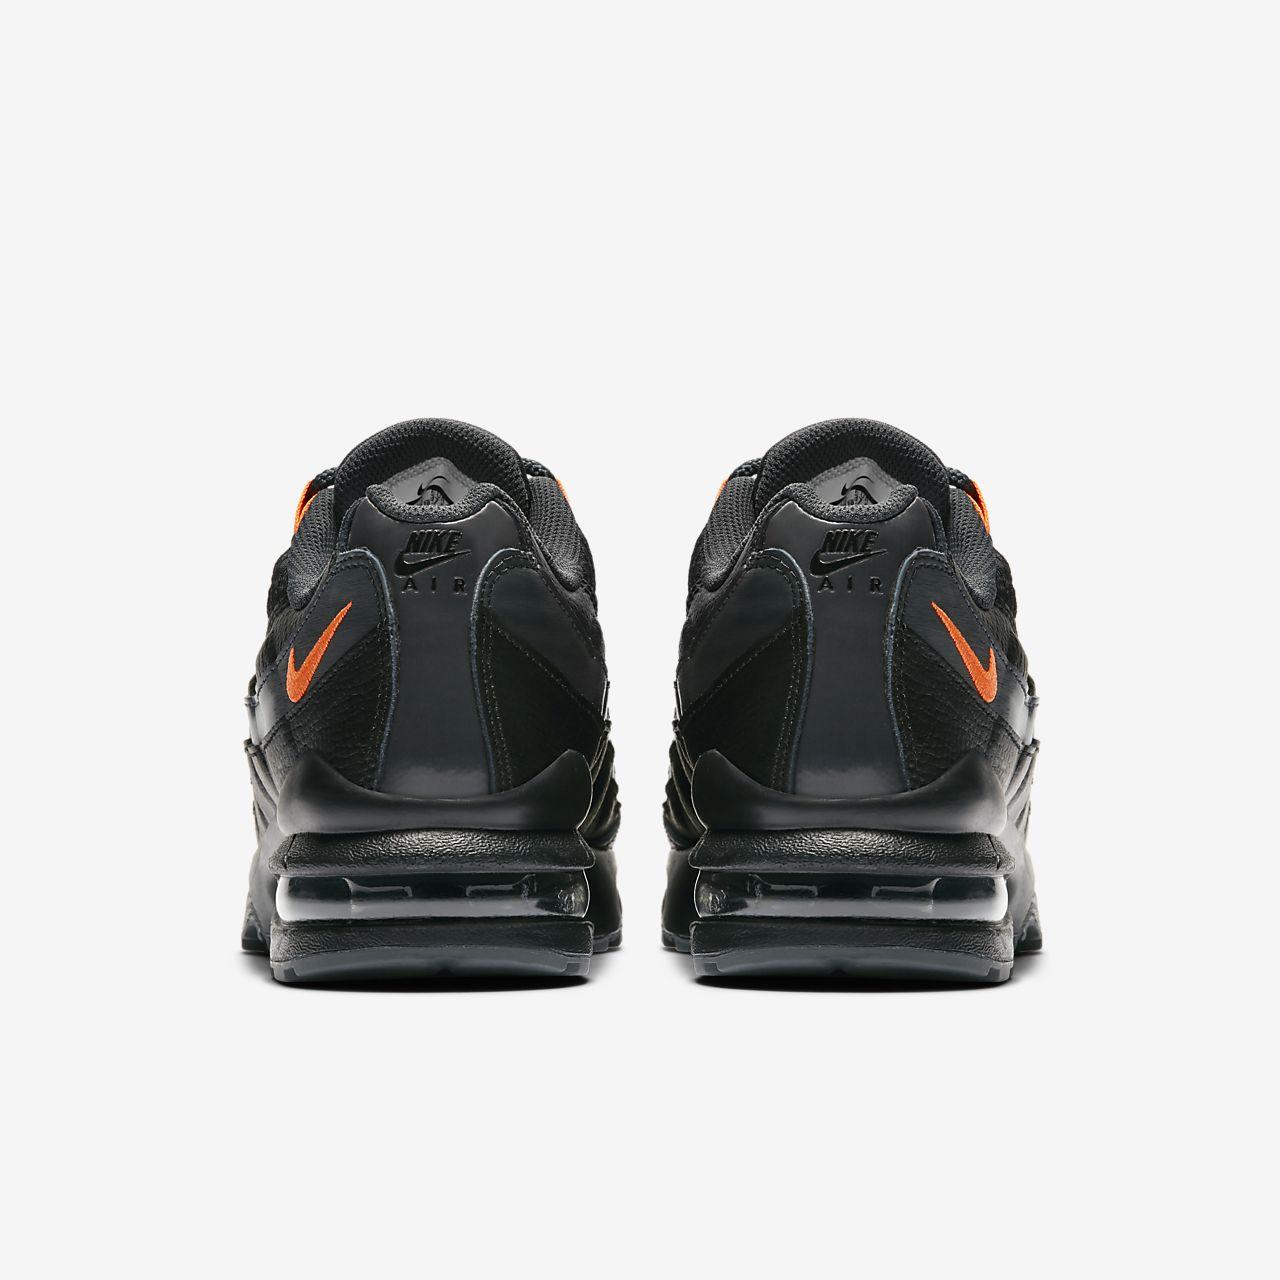 air max 95 nike boots nz